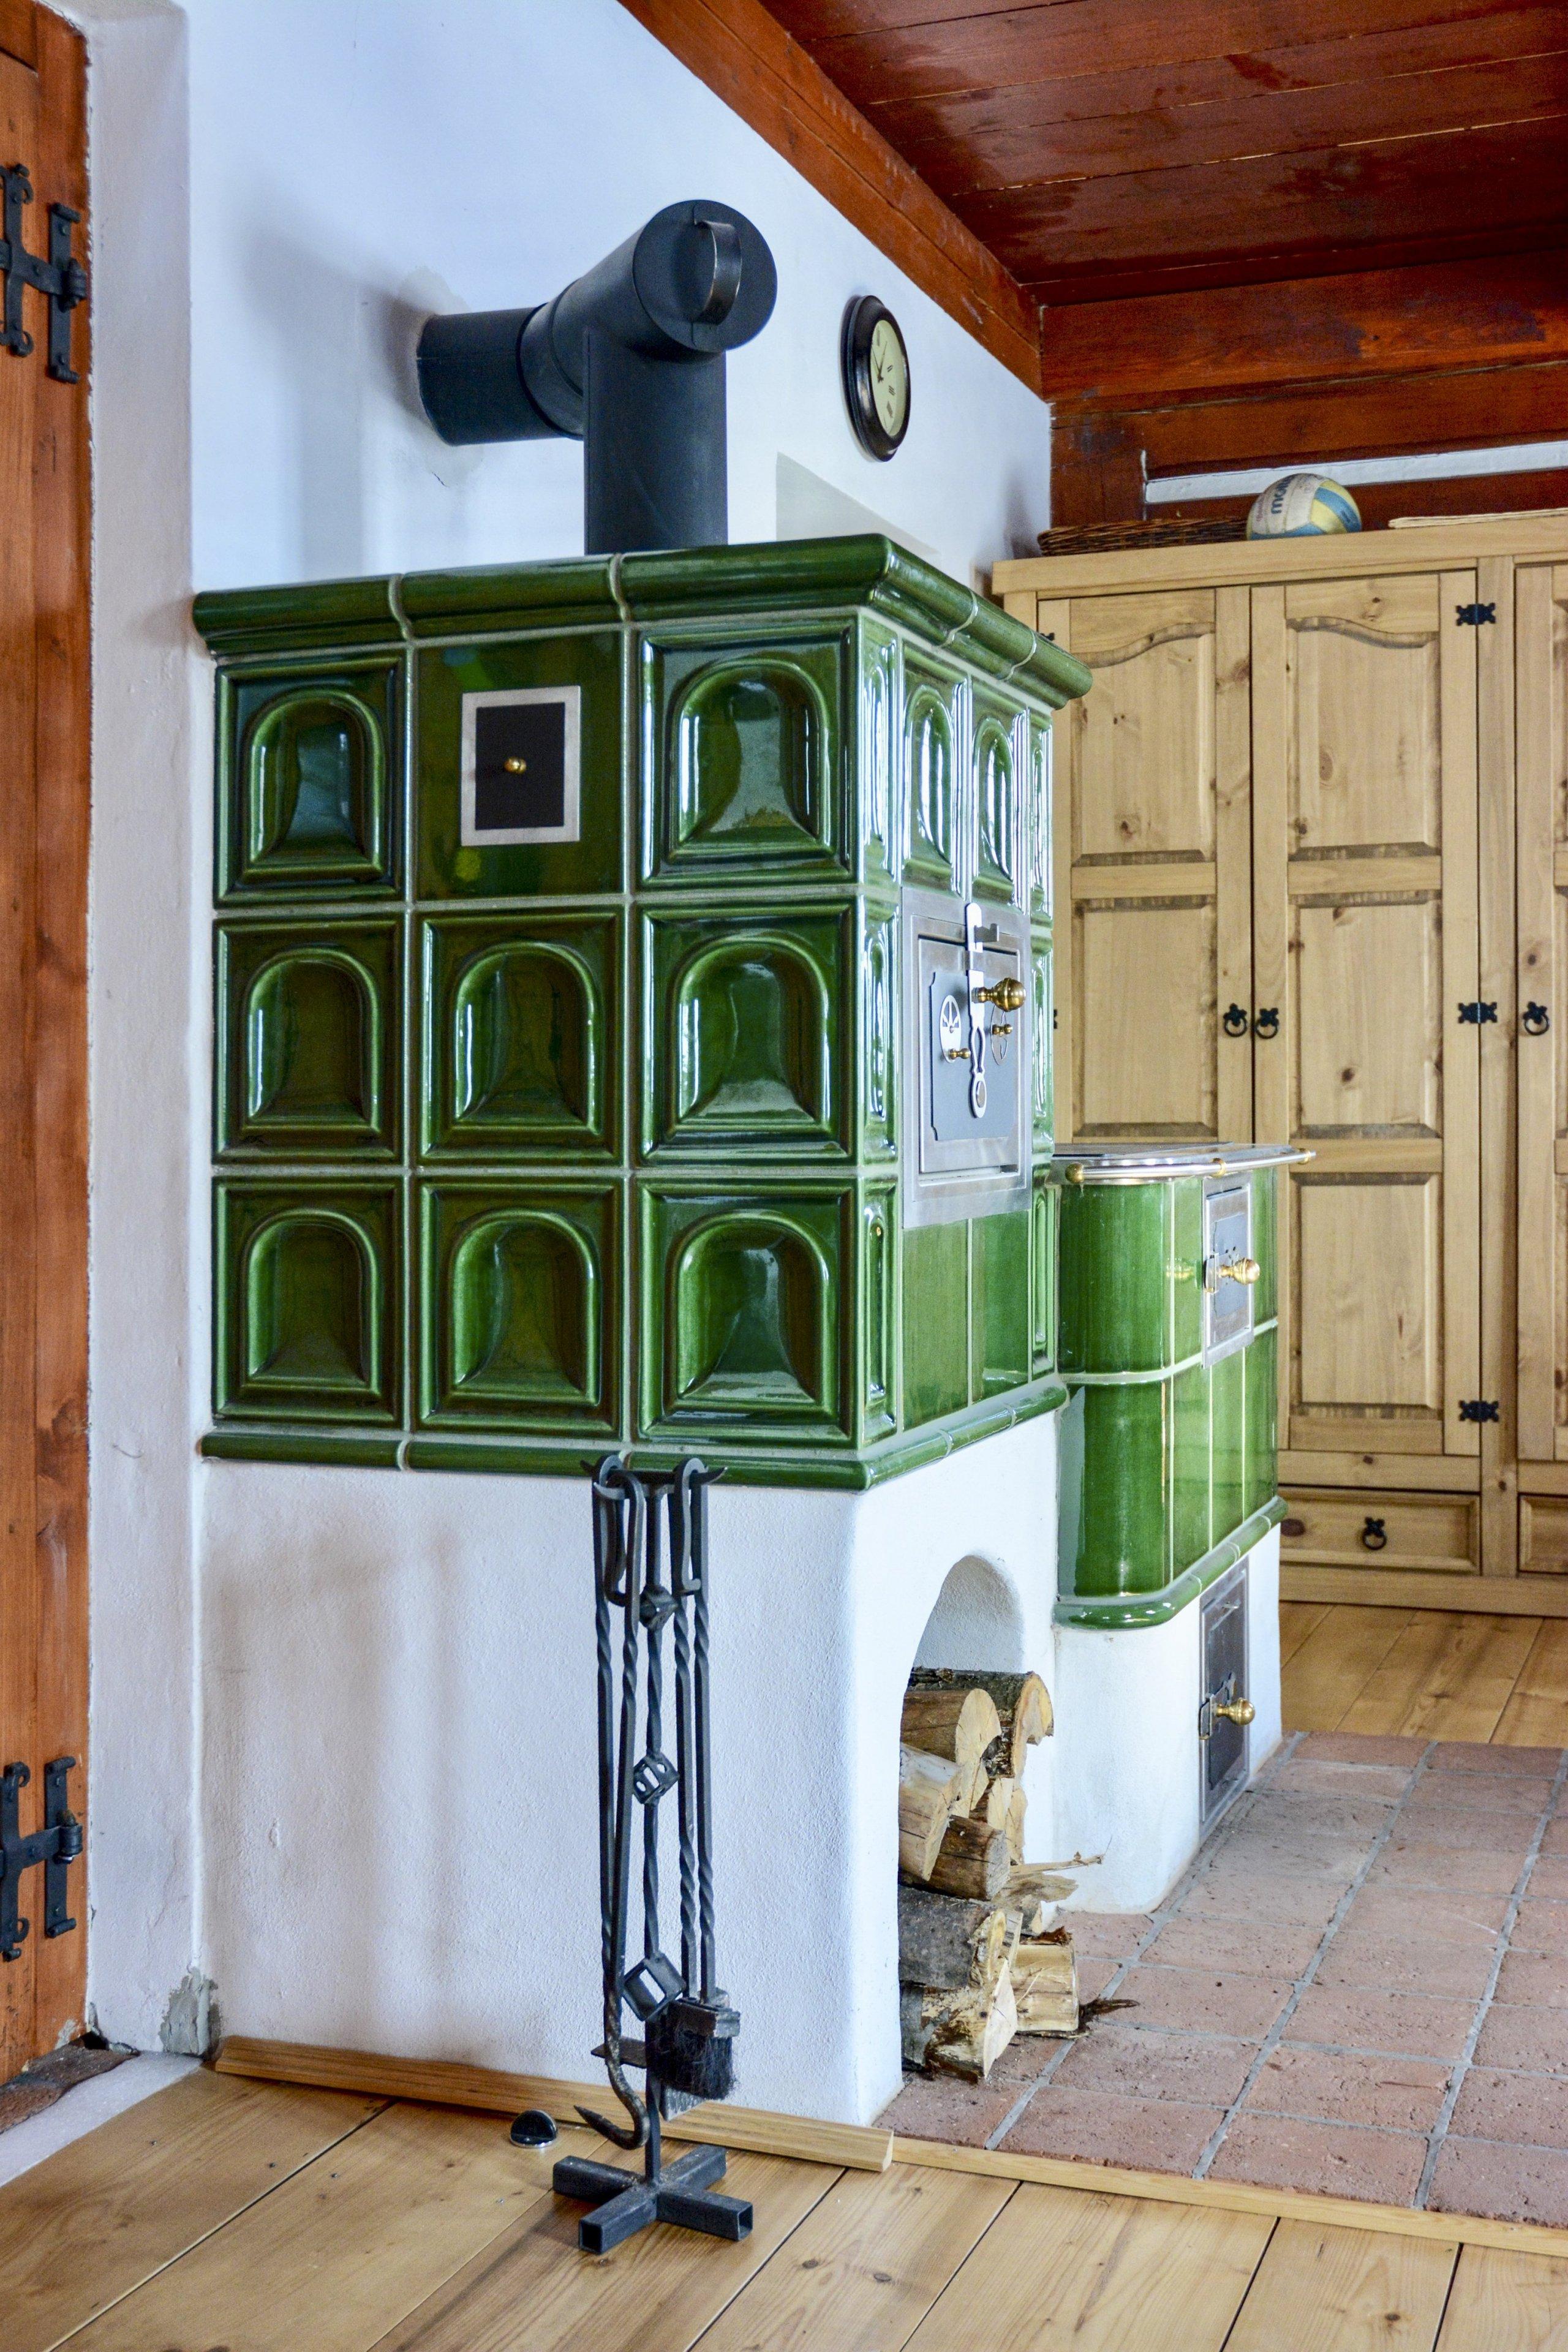 Stavba v Krkonoších - sporák s keramikou K&K POKER Kamnářství Bechyně typu Kaplička s glazurou MX 101. Realizovala firma Kamna Volech.